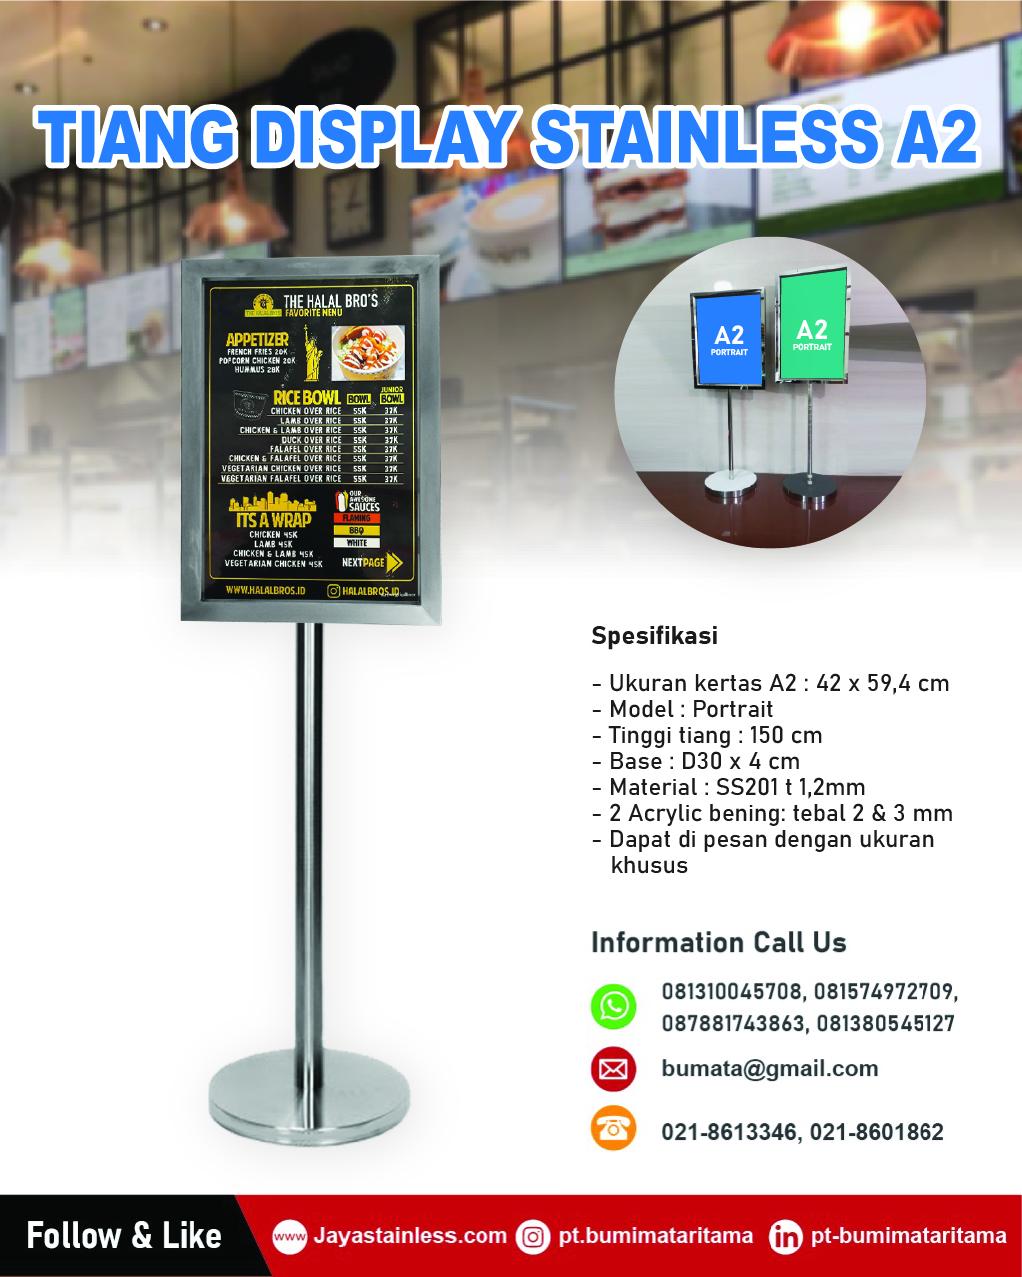 Tiang display stainless kertas A2